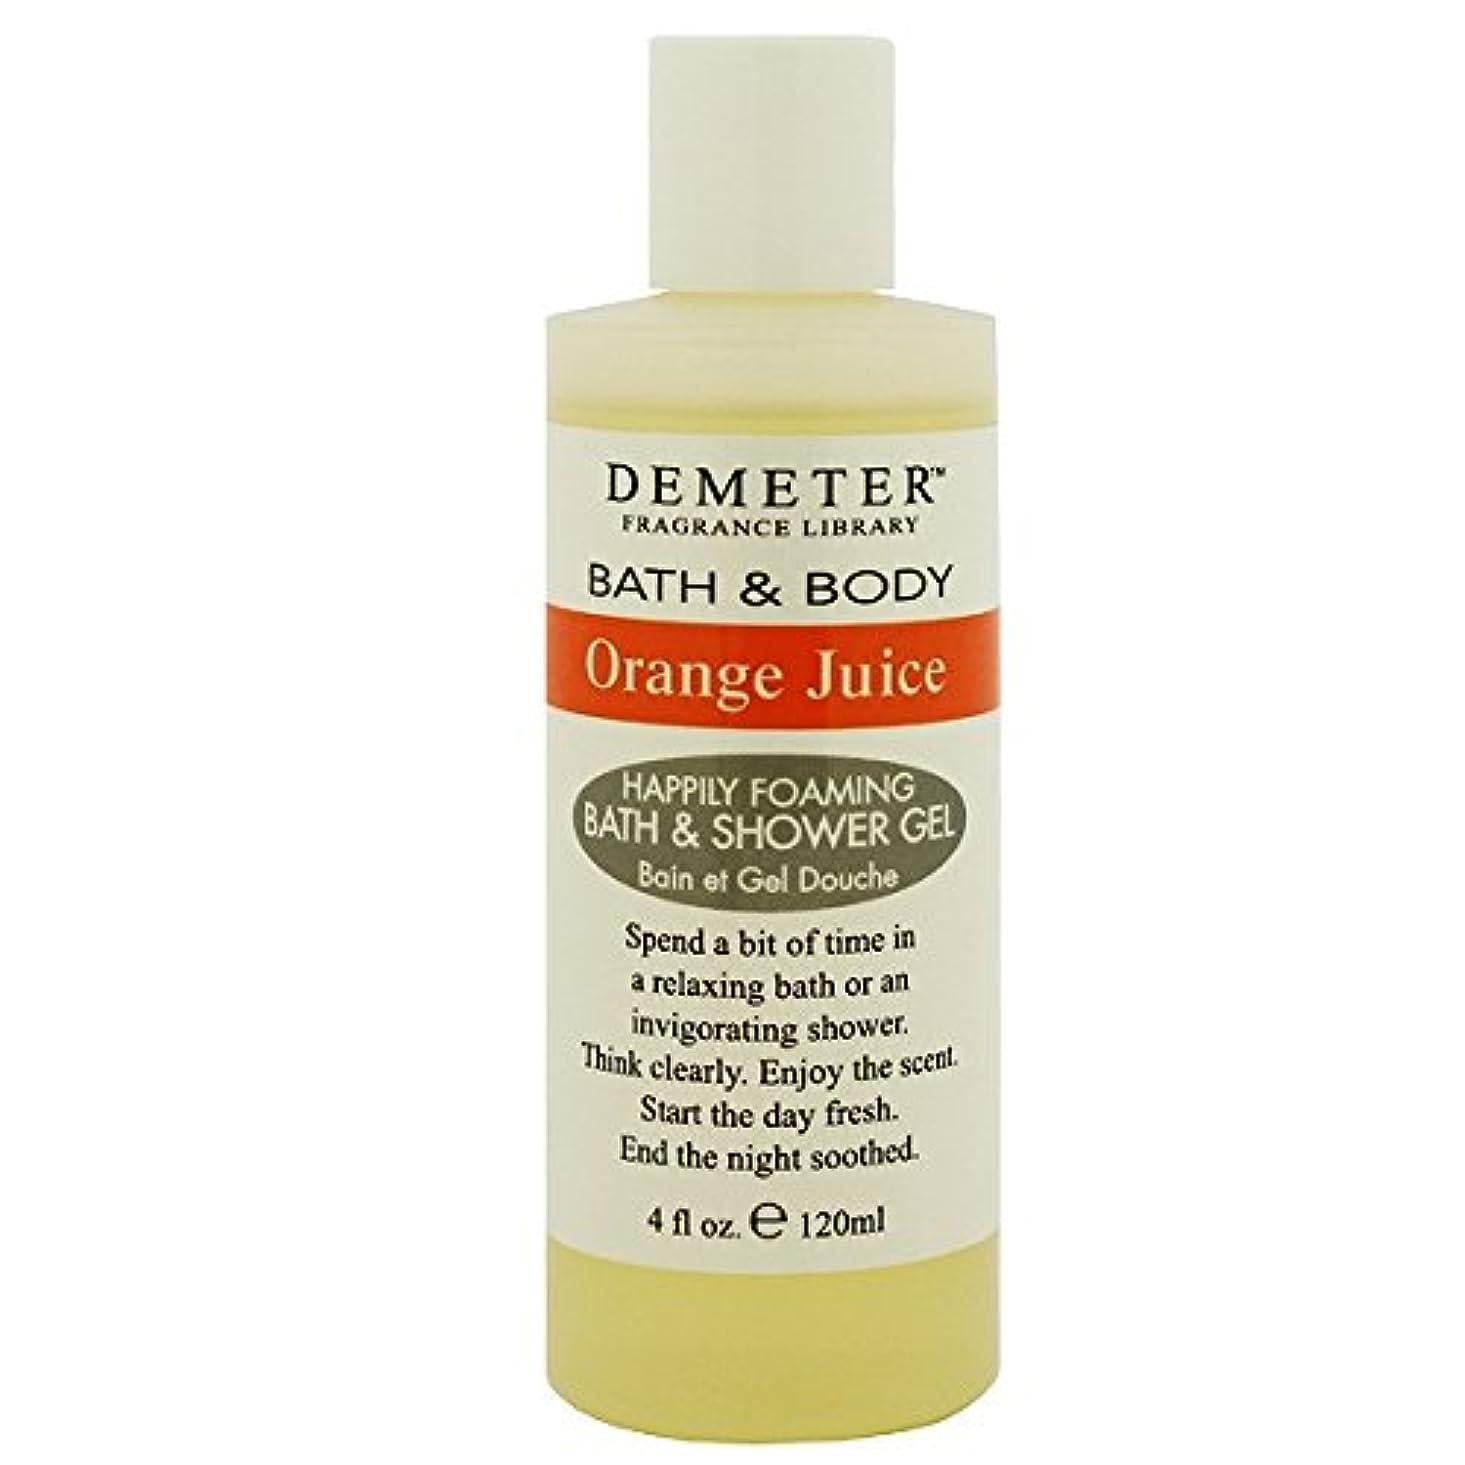 中性合法議題【ディメーター】オレンジジュース バス&シャワージェル 120ml [並行輸入品]